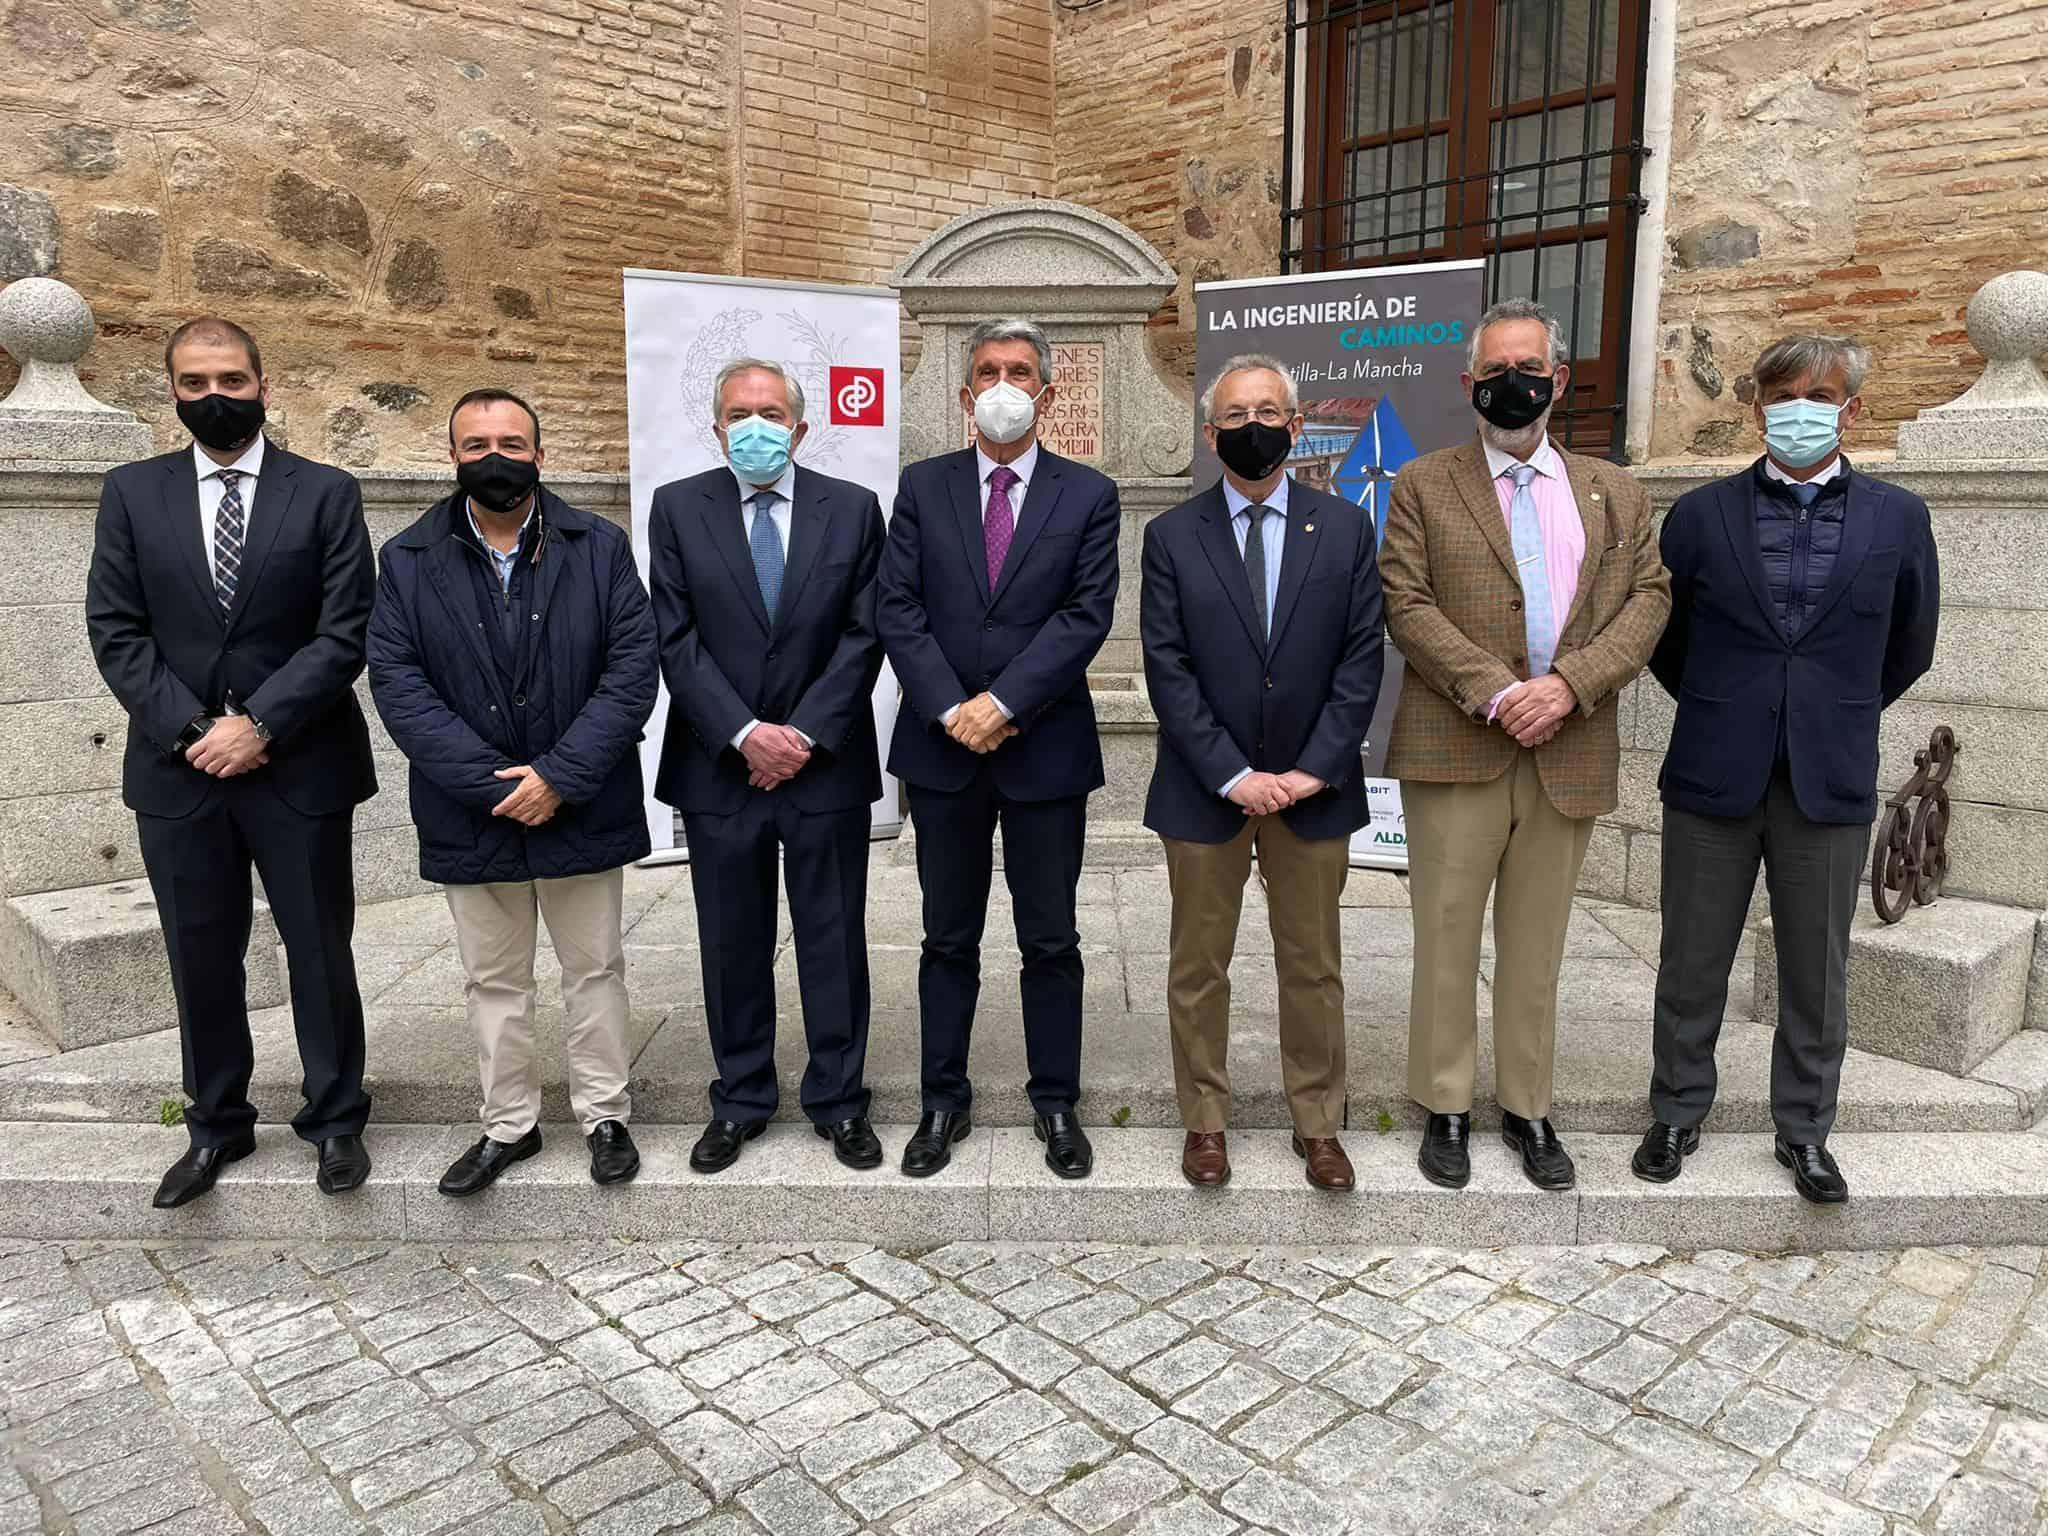 El Colegio de Ingenieros de Caminos inaugura en Toledo una exposición que recorre la aportación de la ingeniería a la sociedad castellano-manchega 4